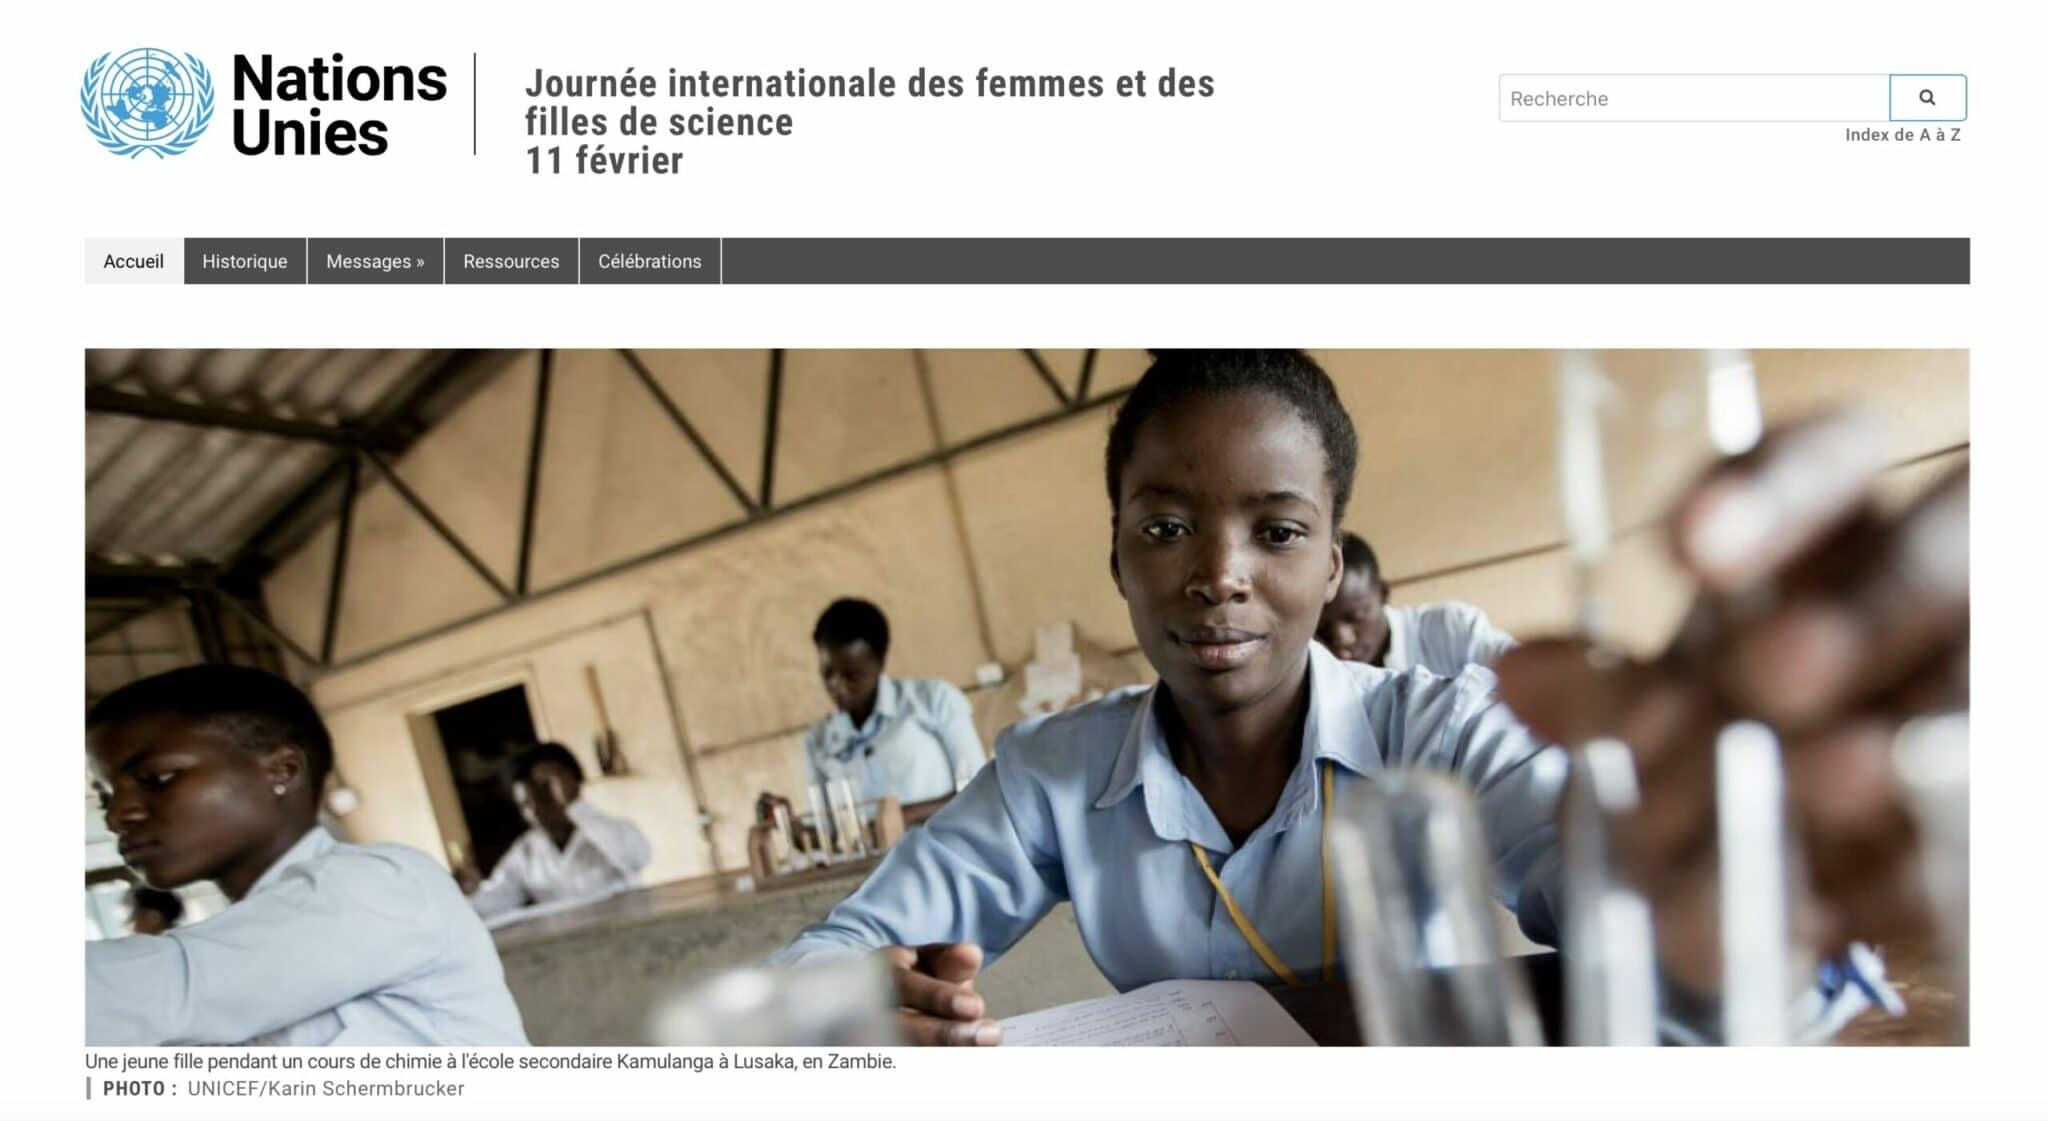 11 octobre, Journée internationale des filles :  les femmes scientifiques à l'honneur !